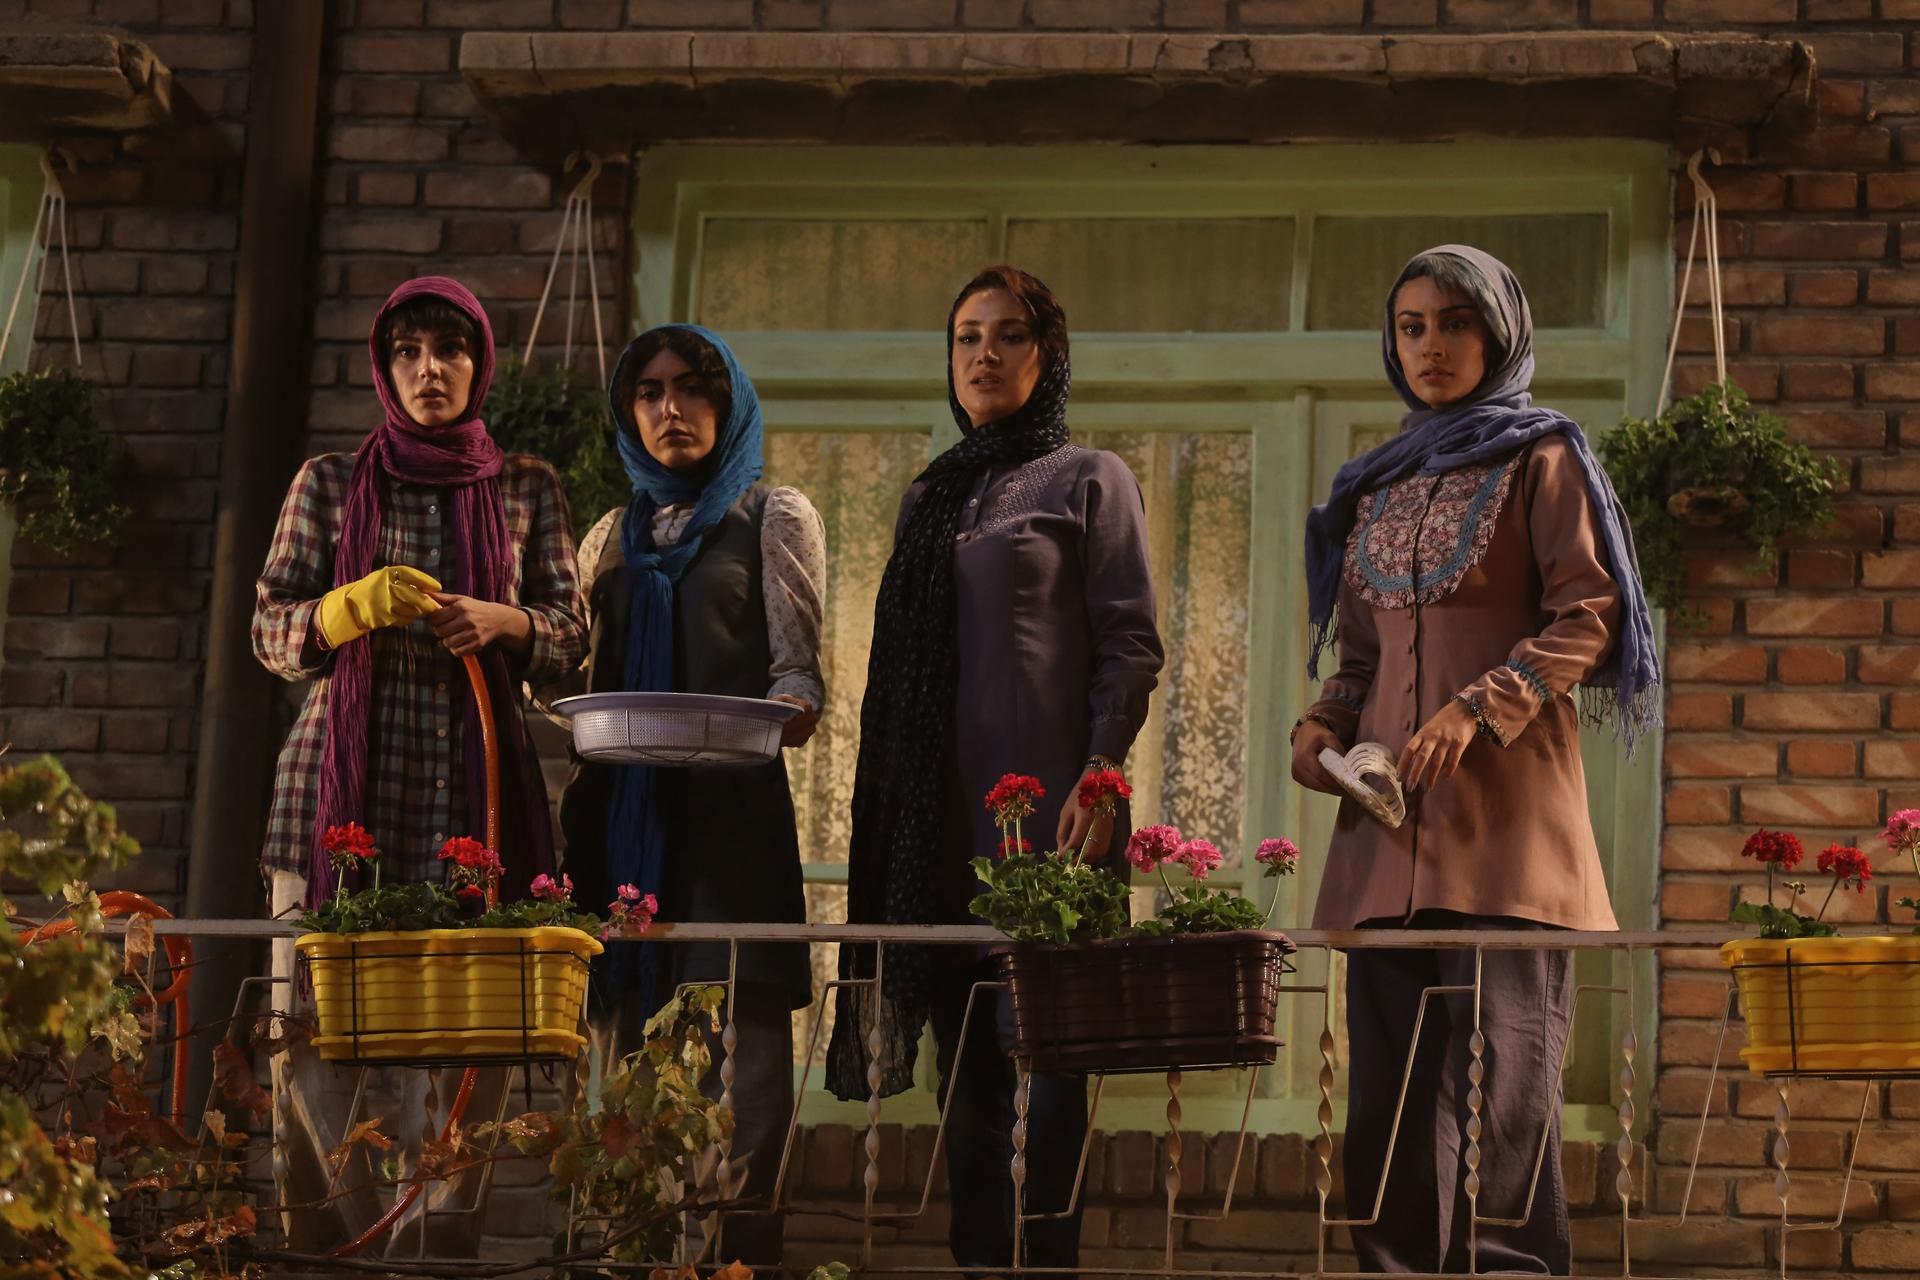 بهاره افشاری و ترلان پروانه در فیلم گشت ارشاد 2